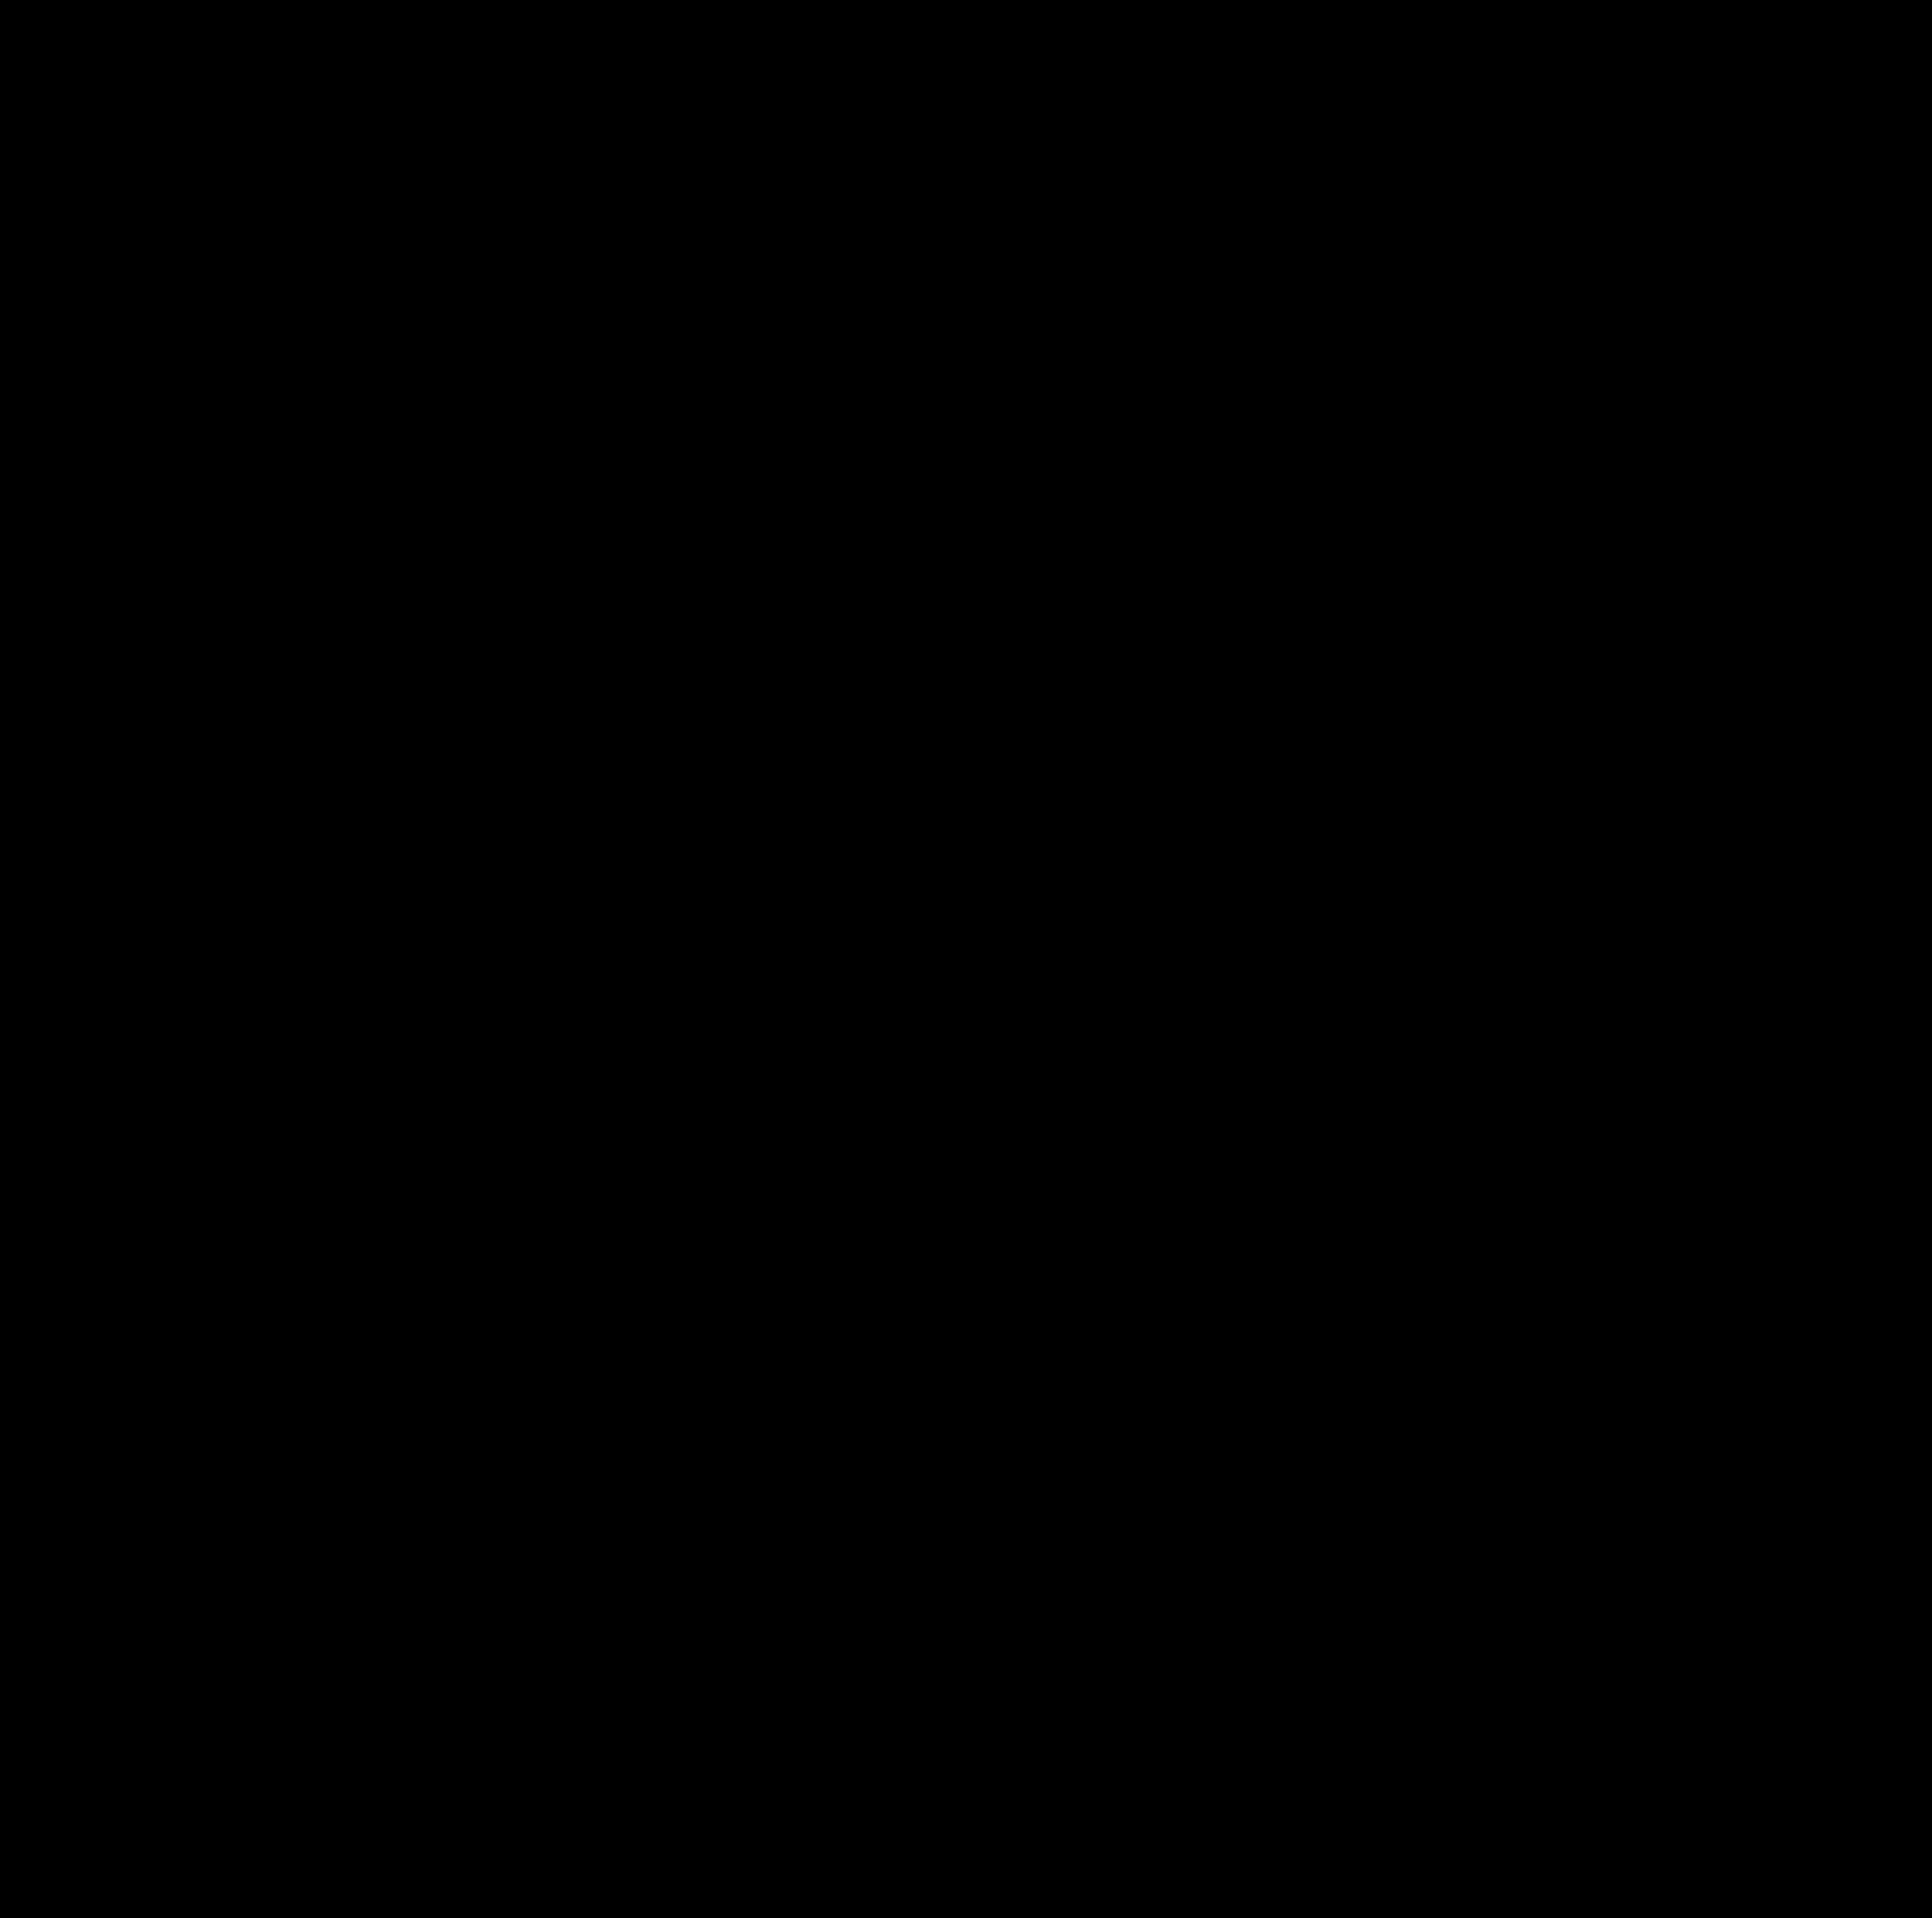 Clock Roman Numerals Clipart Png #42135.